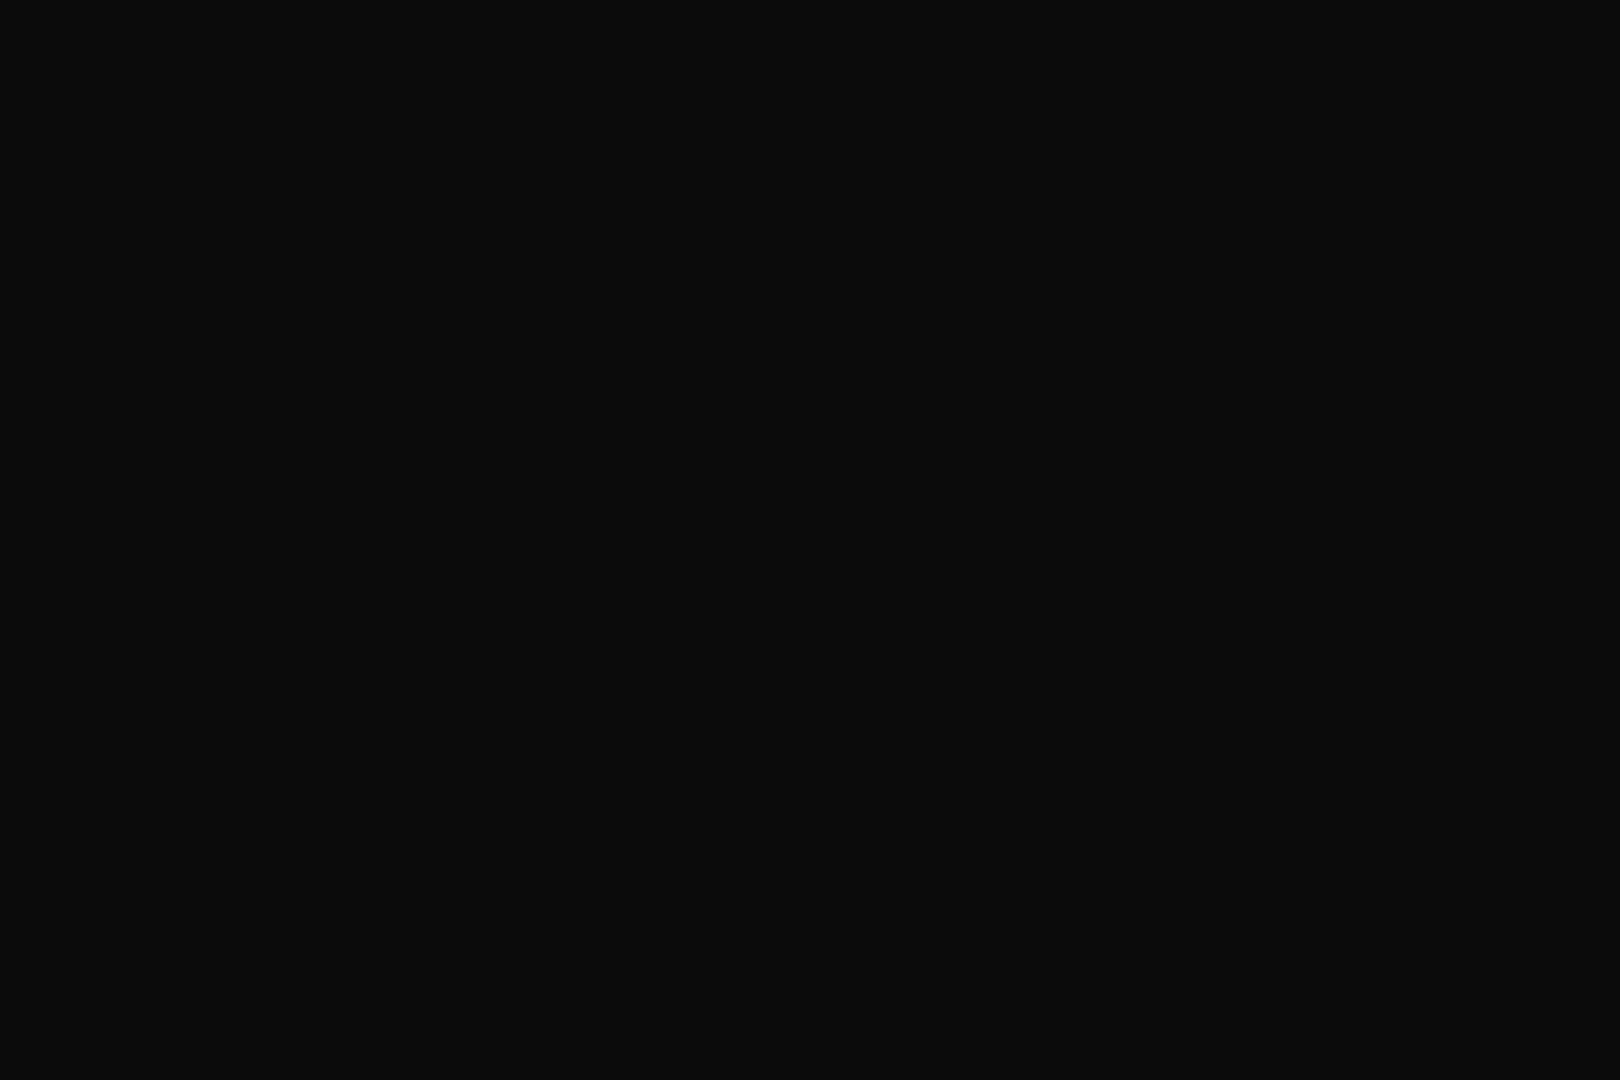 充血監督の深夜の運動会Vol.123 カップル盗撮 | エロティックなOL  107画像 49